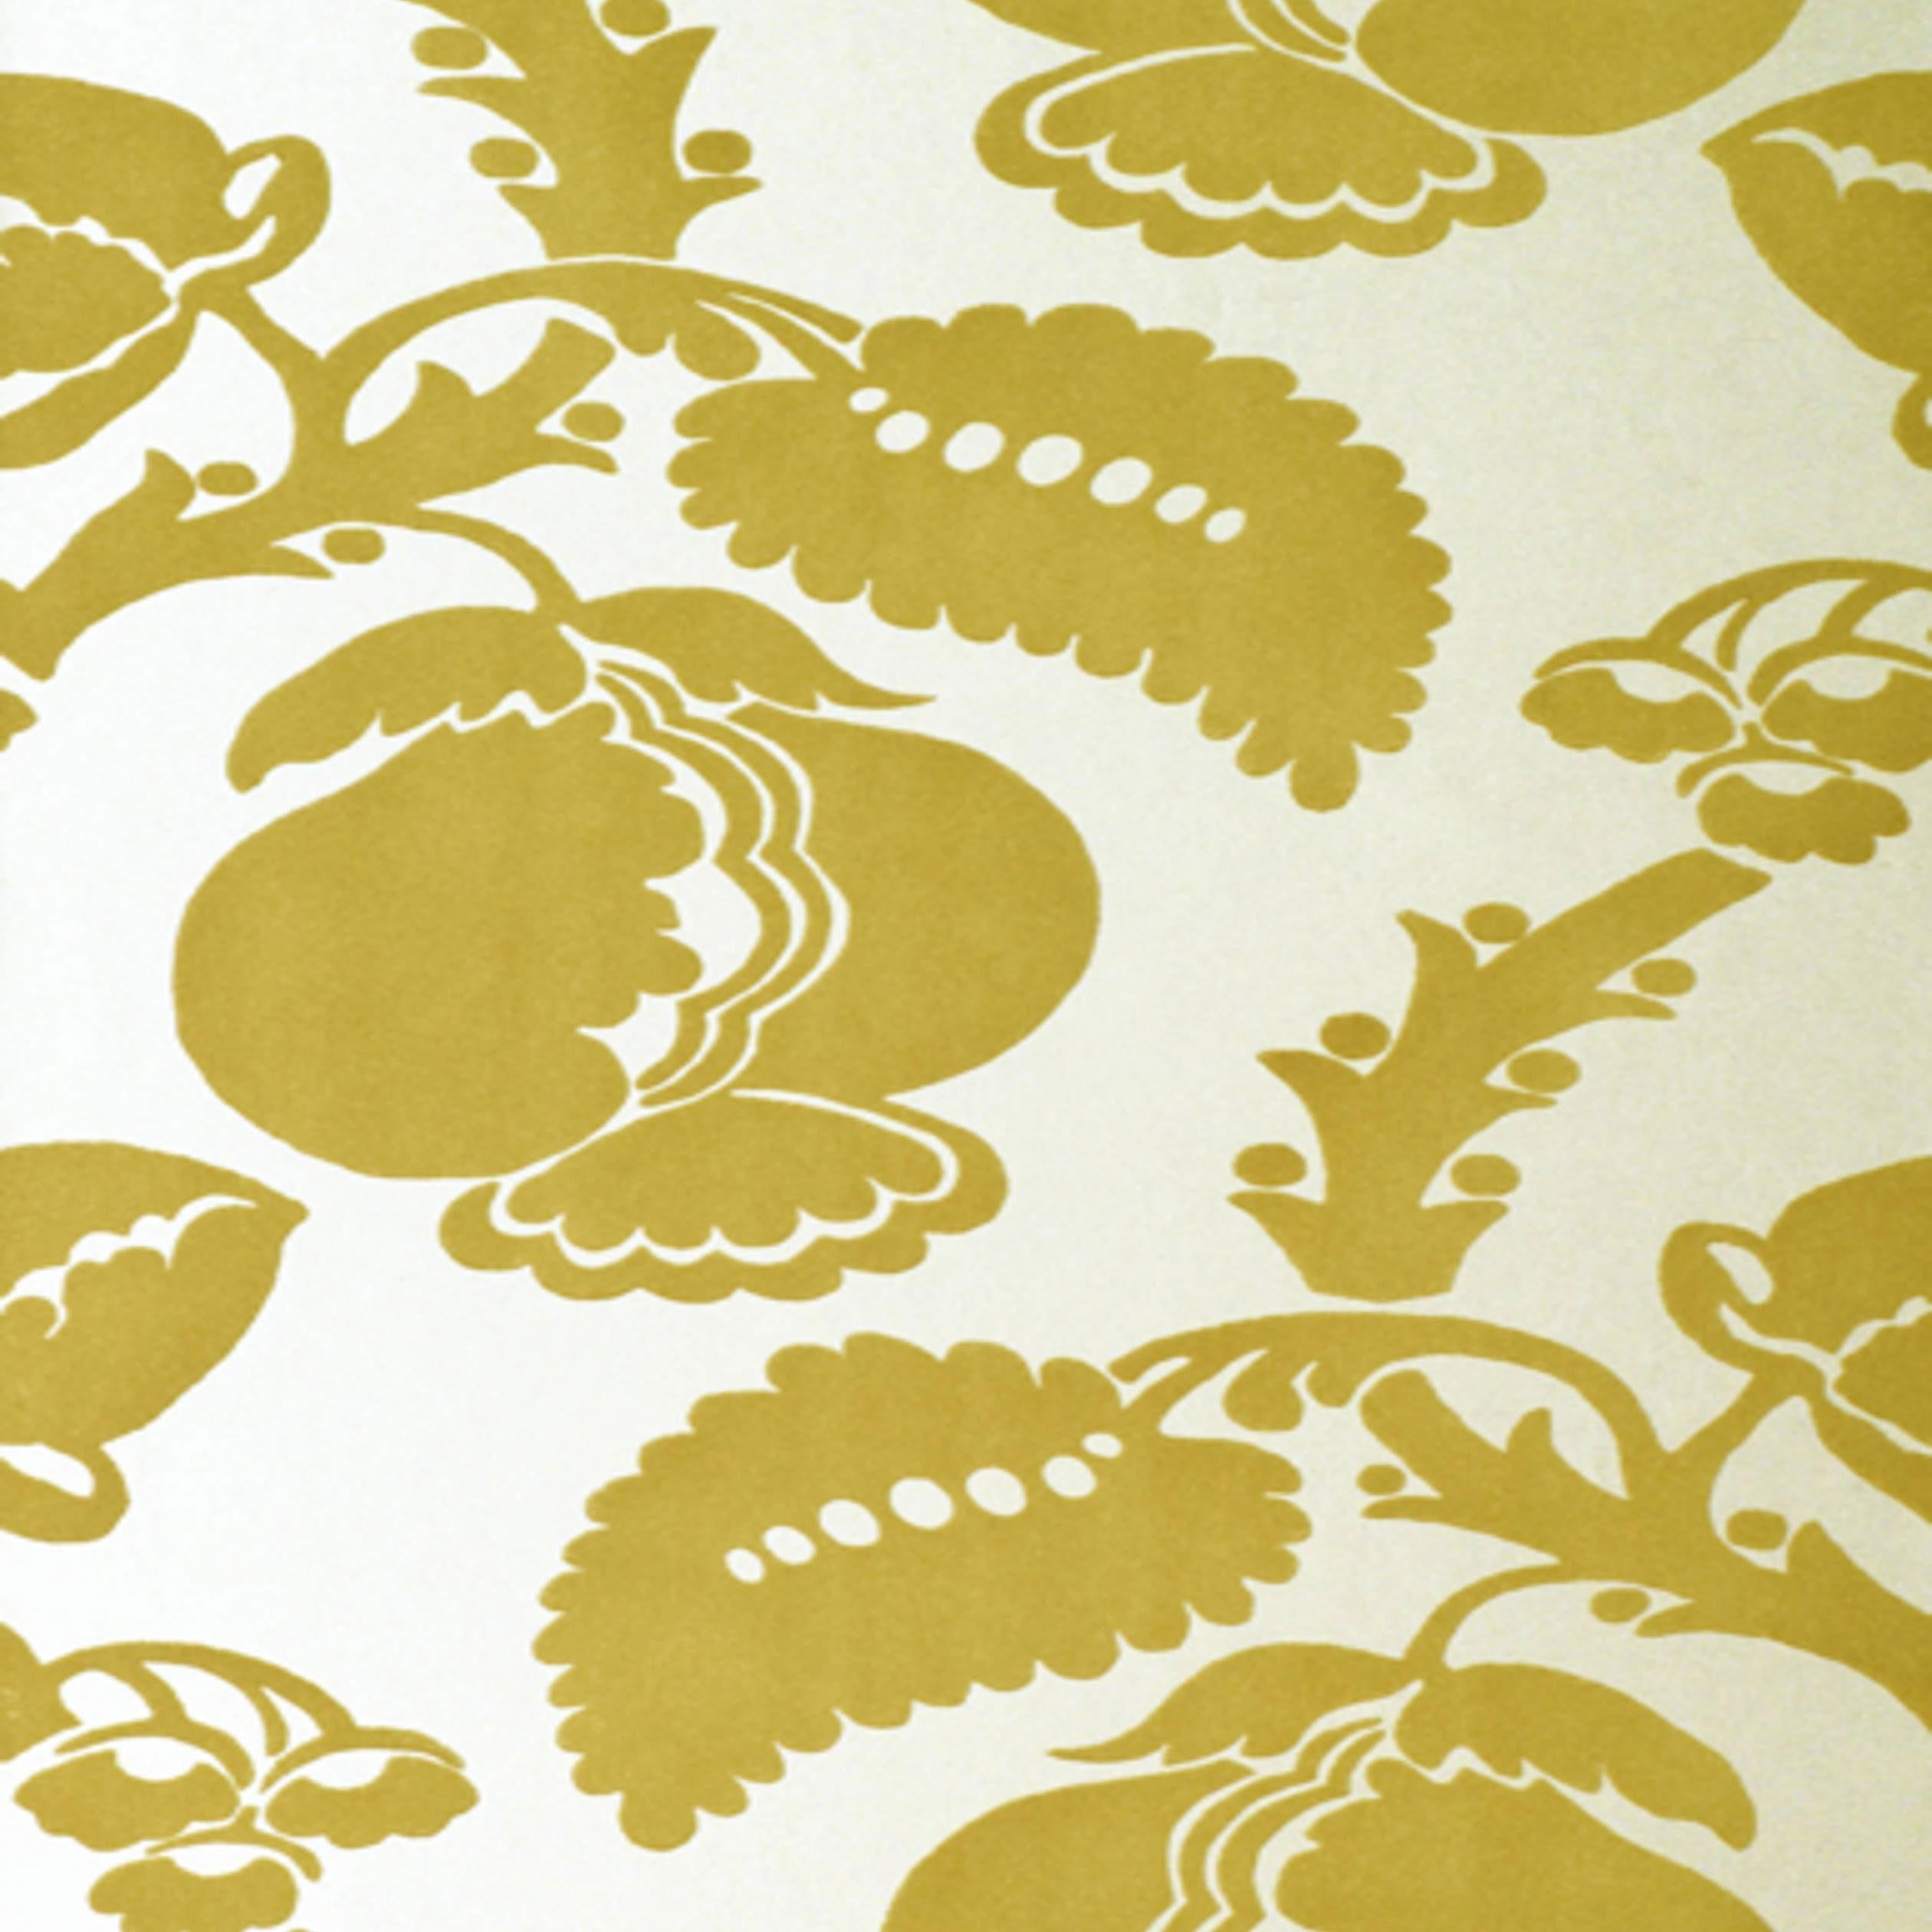 Wanders blue wanders forest flocked wallpaper damask wallpaper - Eglantine Gold Flock Wallpaper